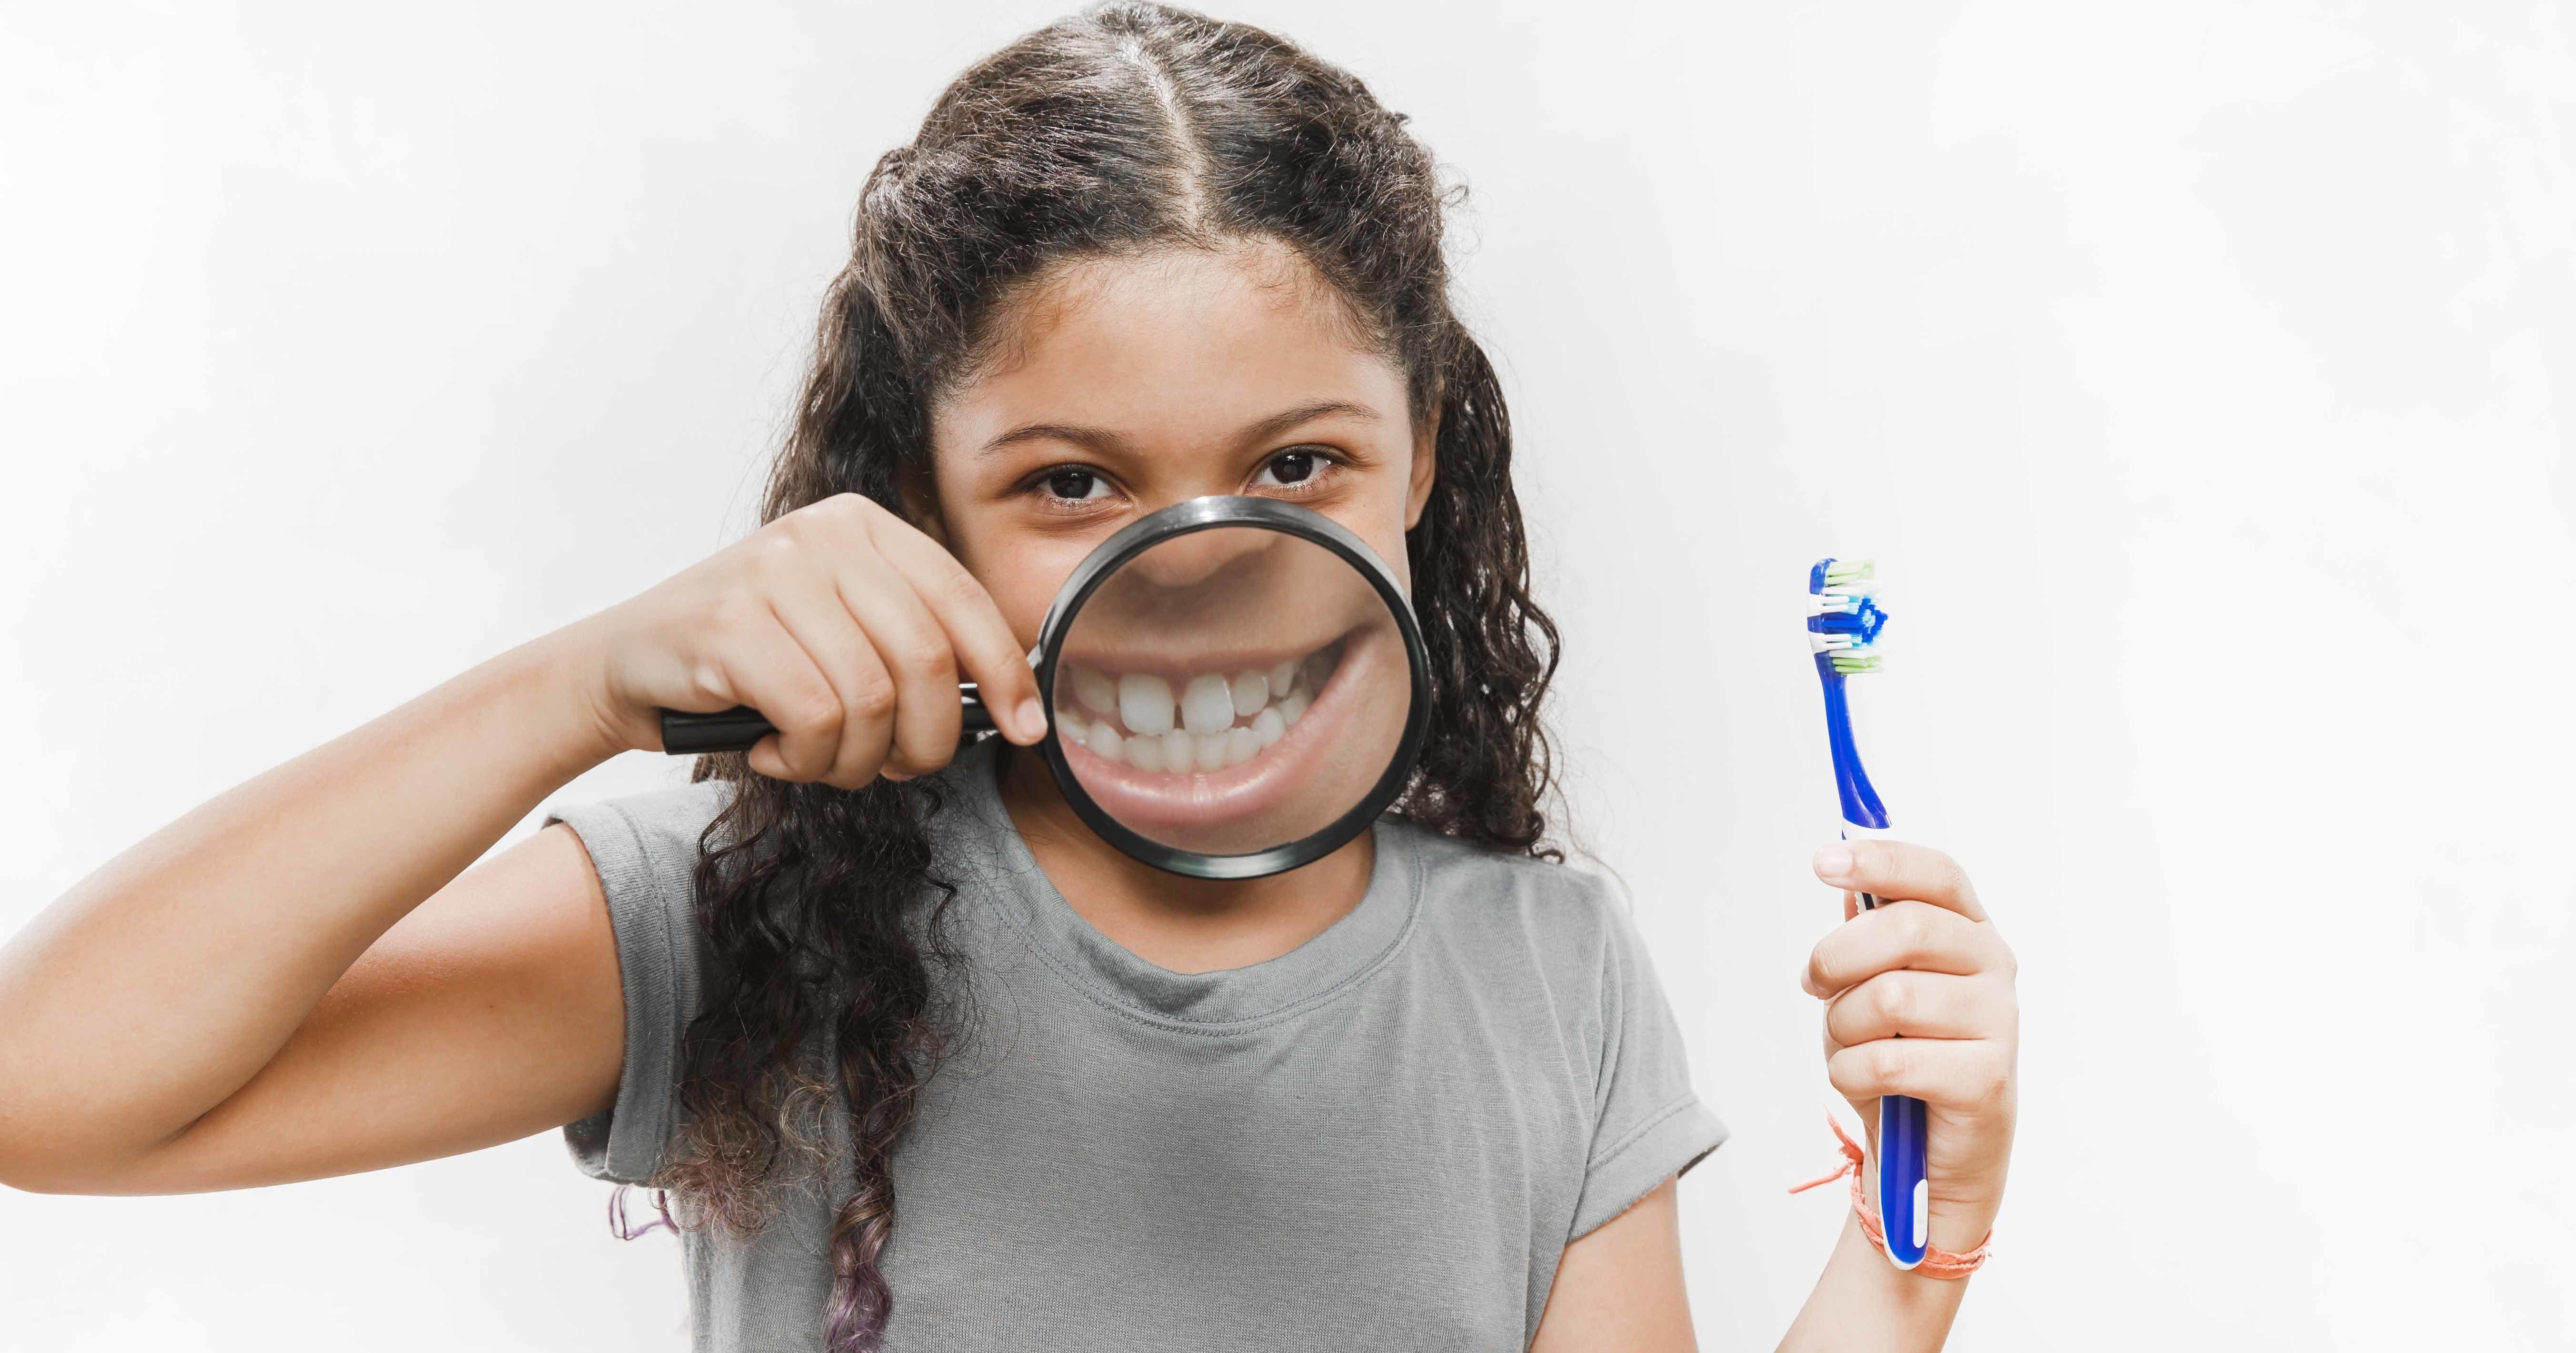 1. Biasakan ke dokter gigi sejak dini